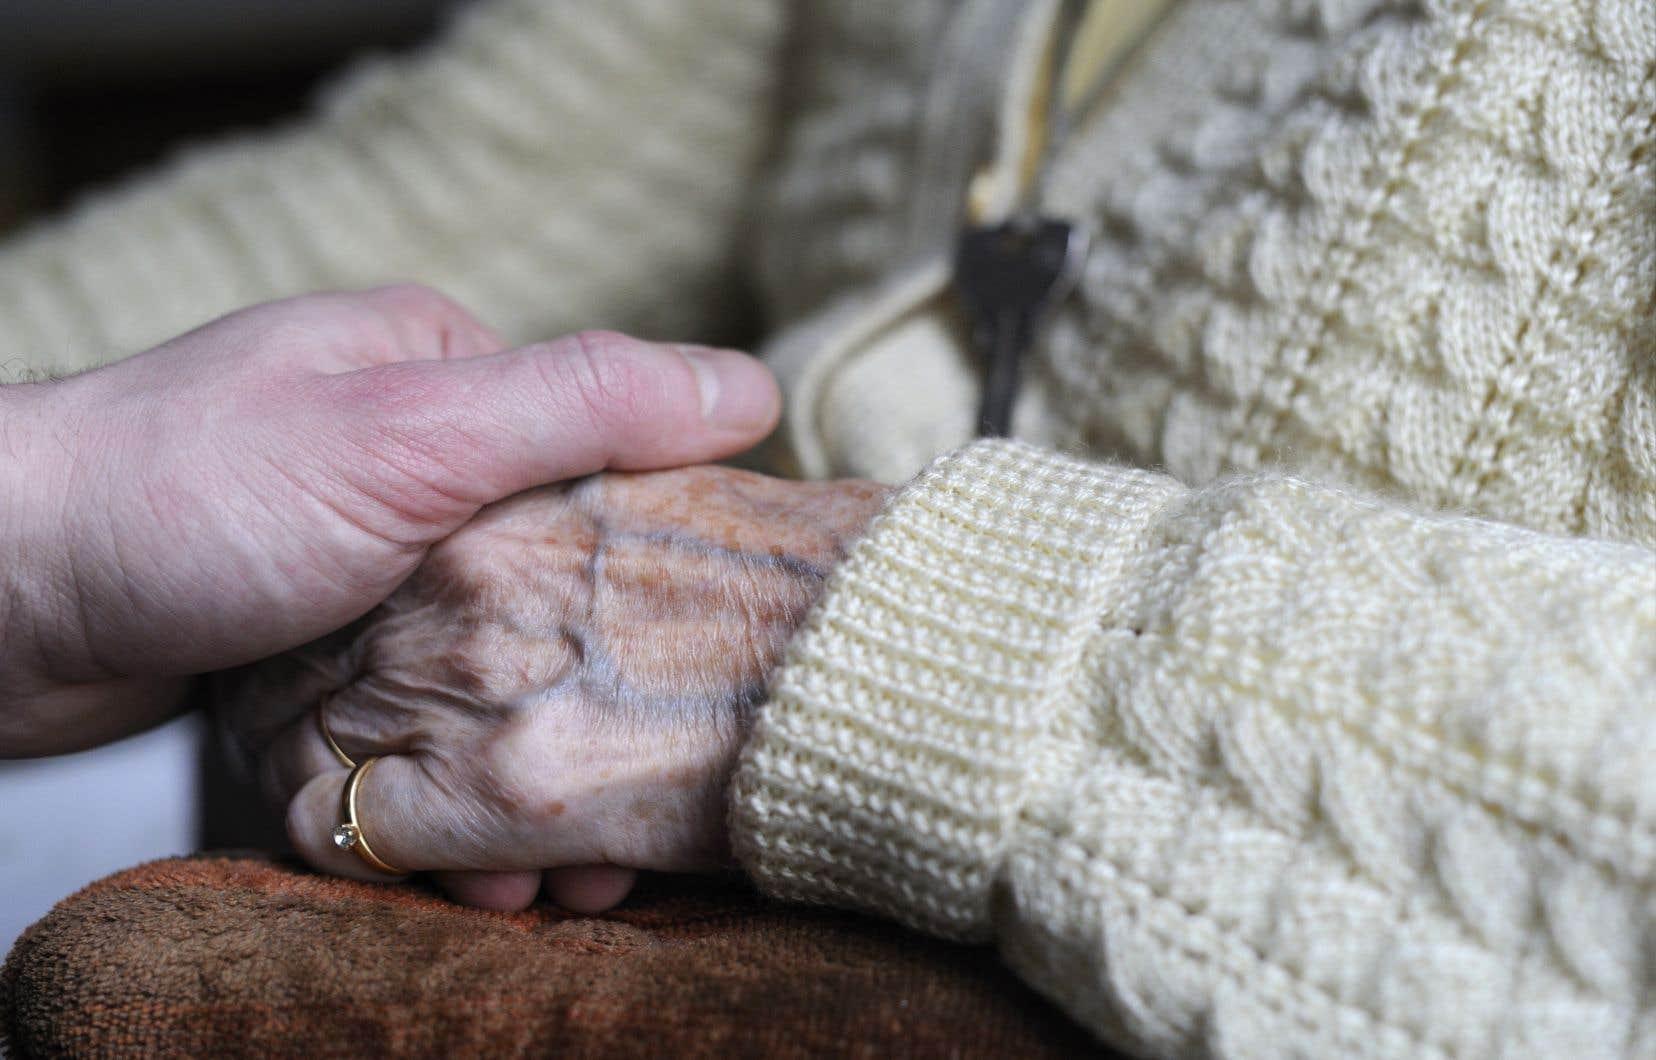 Il est urgent d'adapter notre filet social pour rendre possible l'adoption d'une nouvelle philosophie du vieillissement, fait valoir l'autrice.